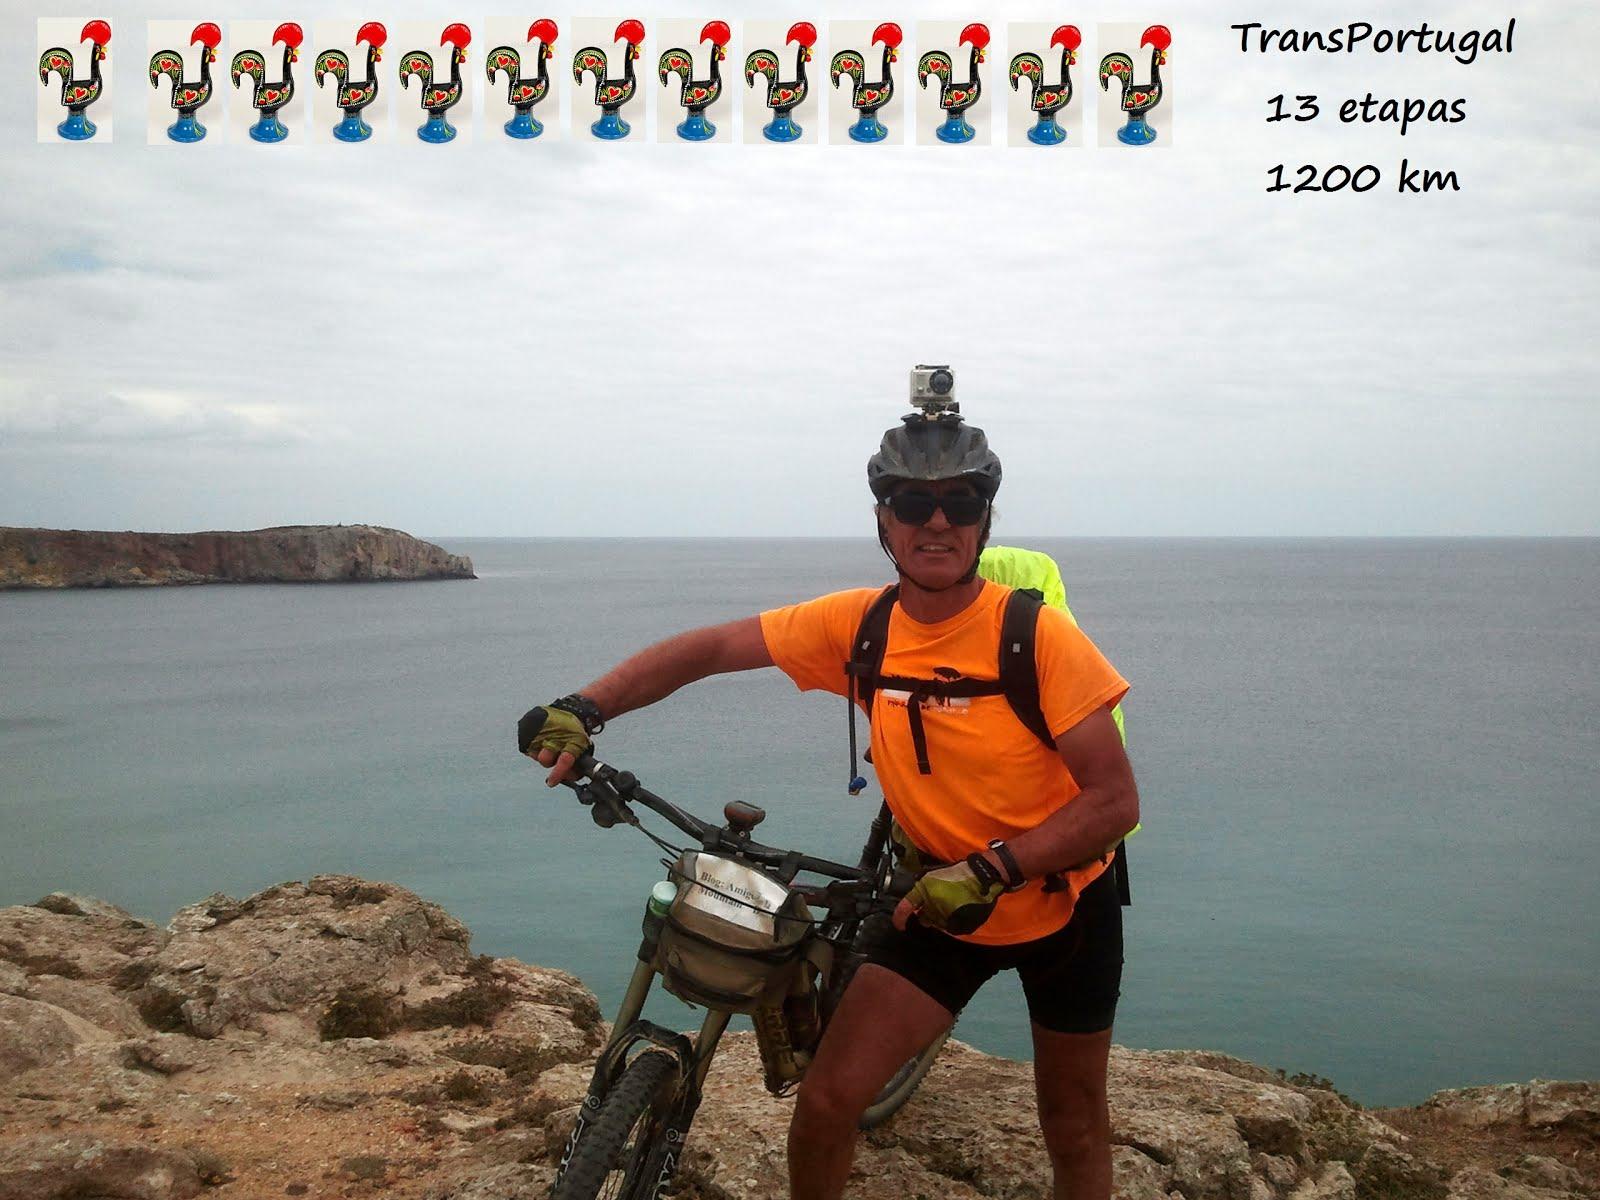 13 días en la TransPortugal. Día 13 . Último día